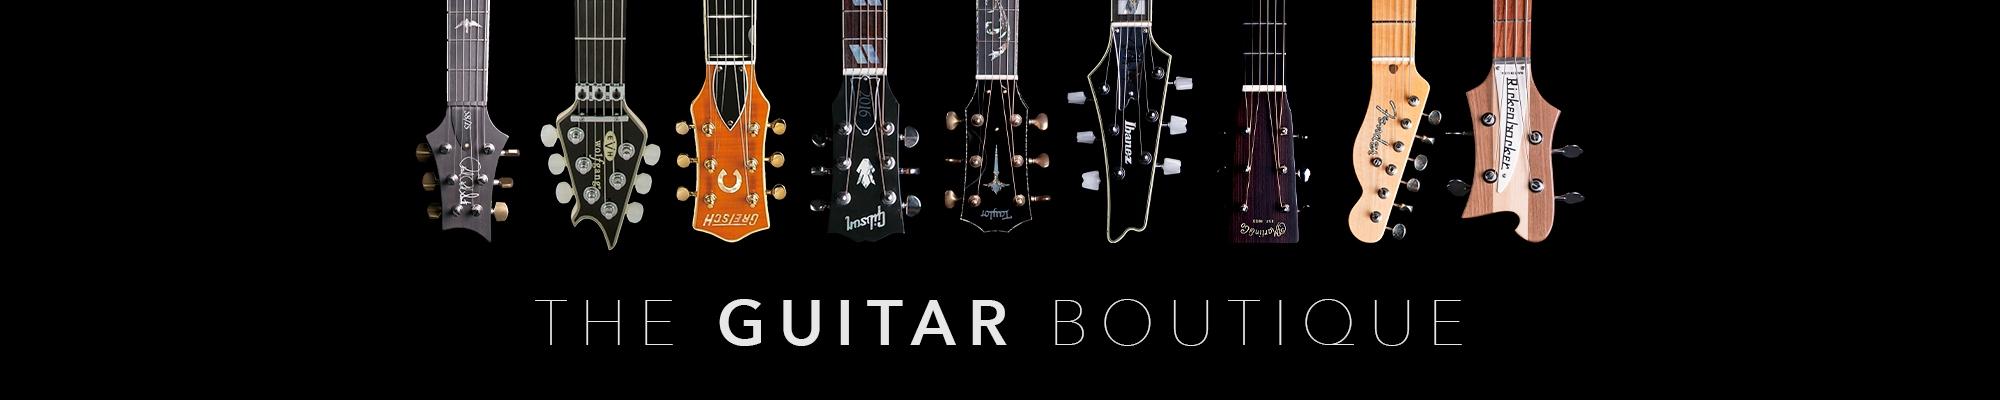 The Guitar Boutique | AltoMusic com